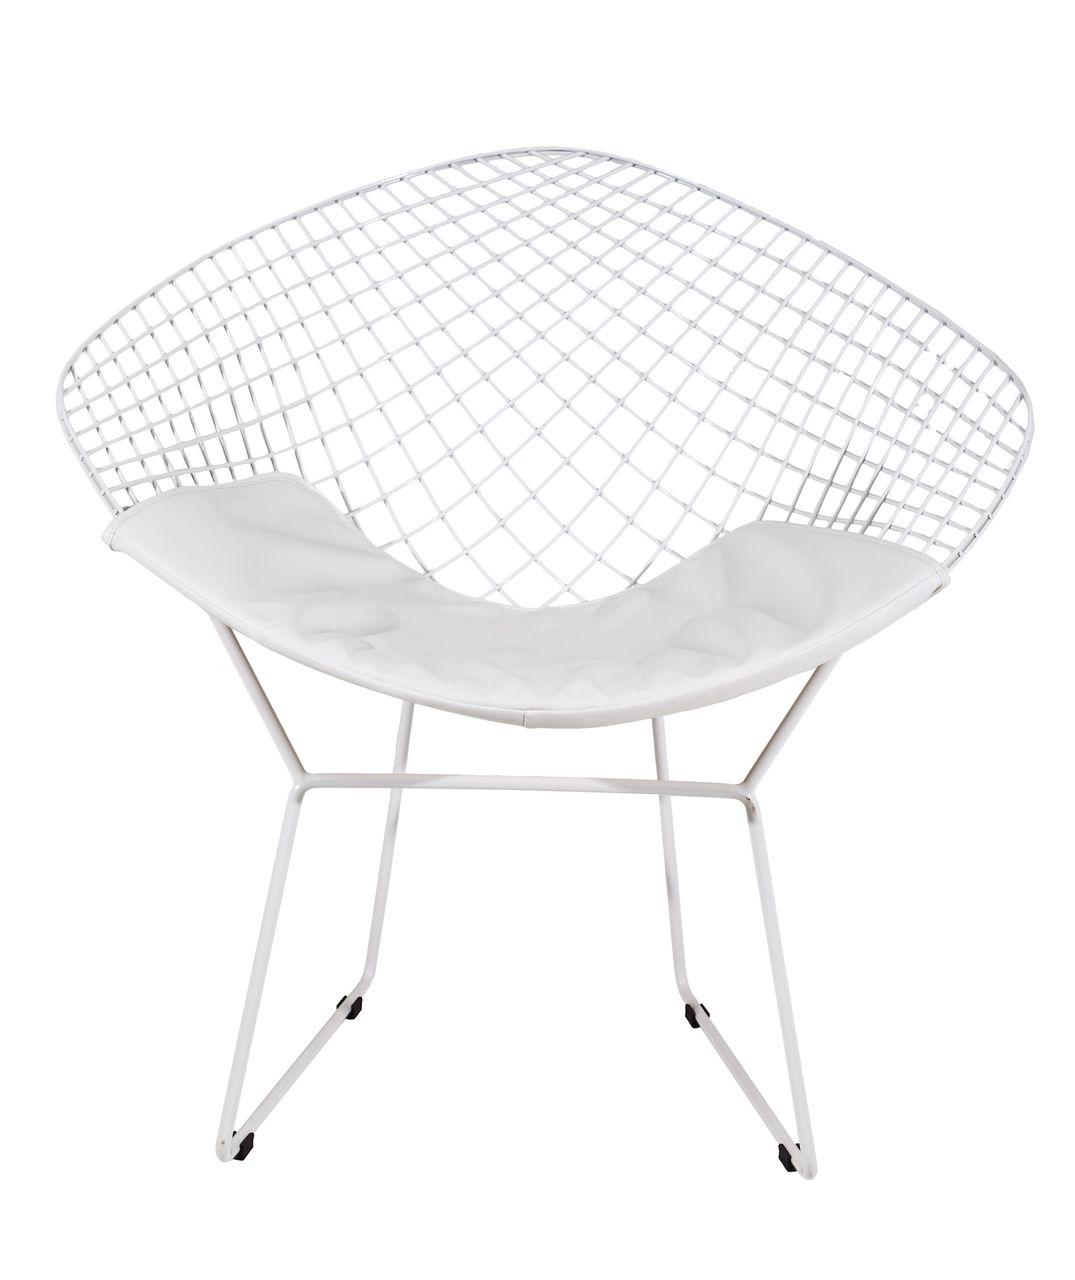 Bertoia diamond chair white - Milano Republic Furniture Replica Harry Bertoia Diamond Chair Powdercoated White With White Seat Cushion